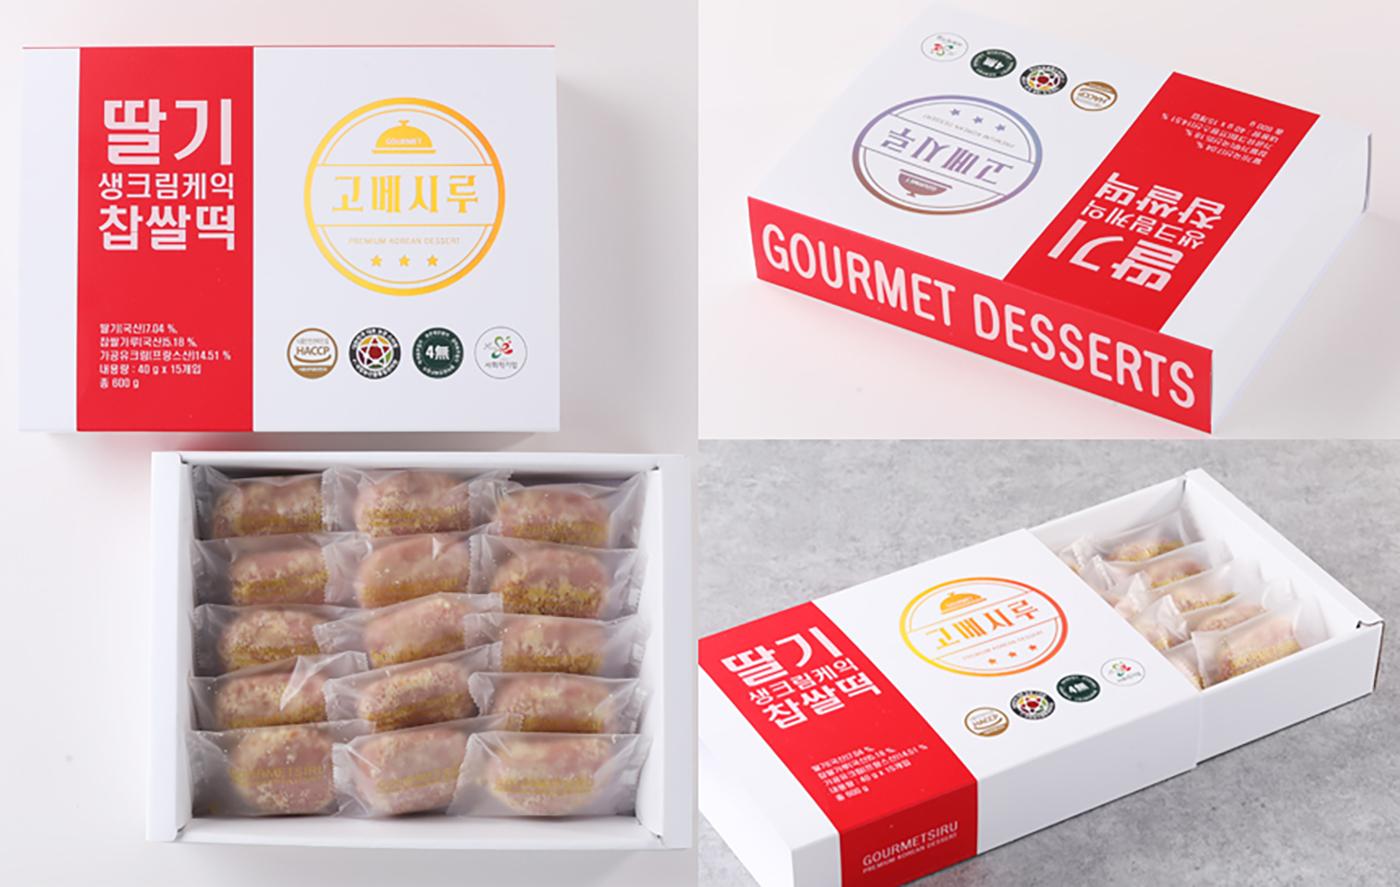 굳지 않는 딸기 생크림 케익 모찌 찹쌀떡 (15입) 상세이미지11